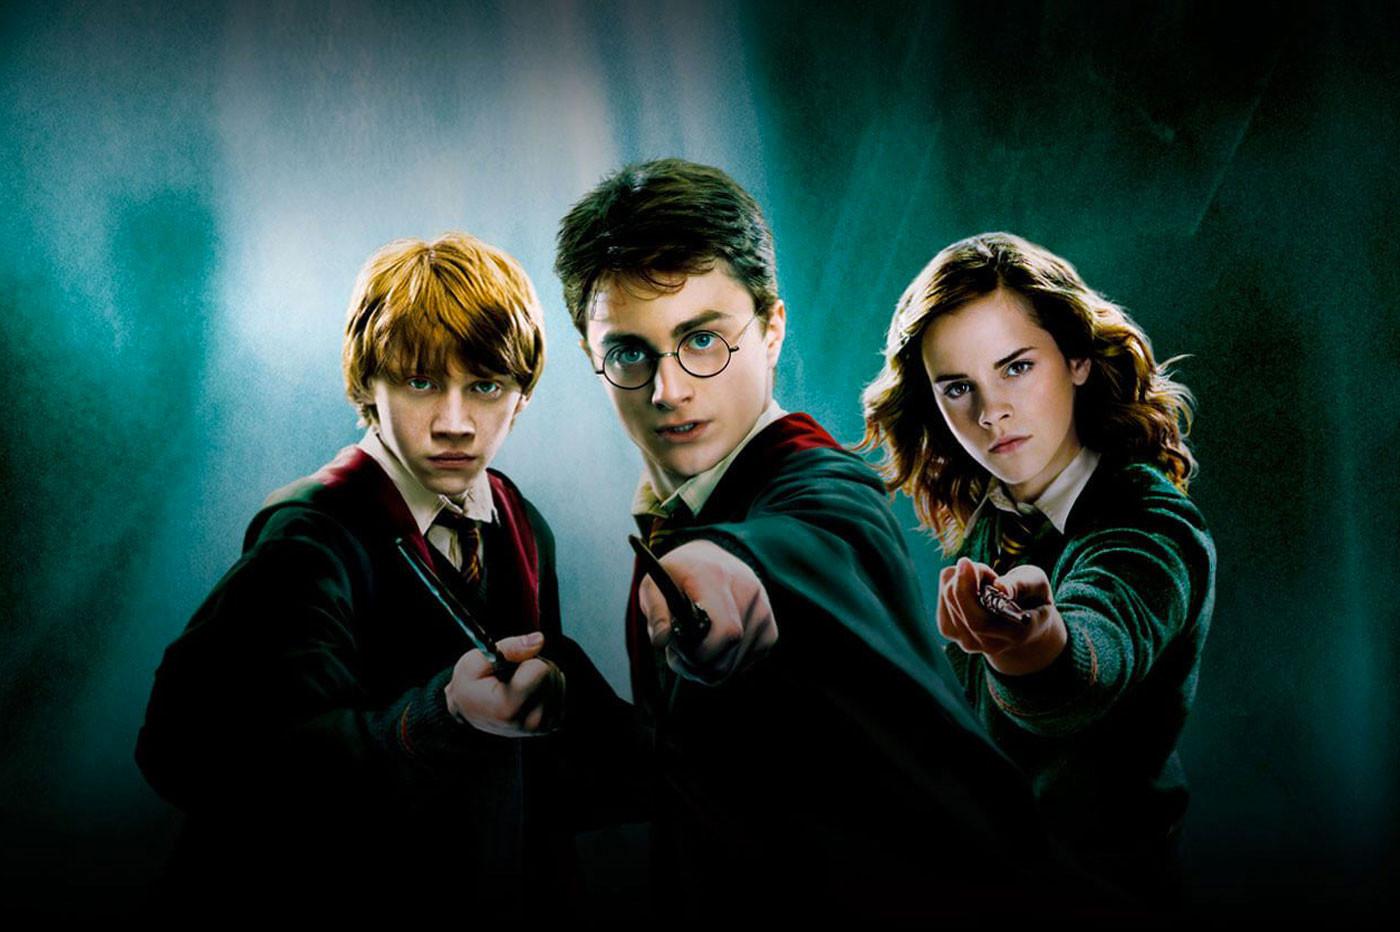 Une image -> Un film (Harry Potter)